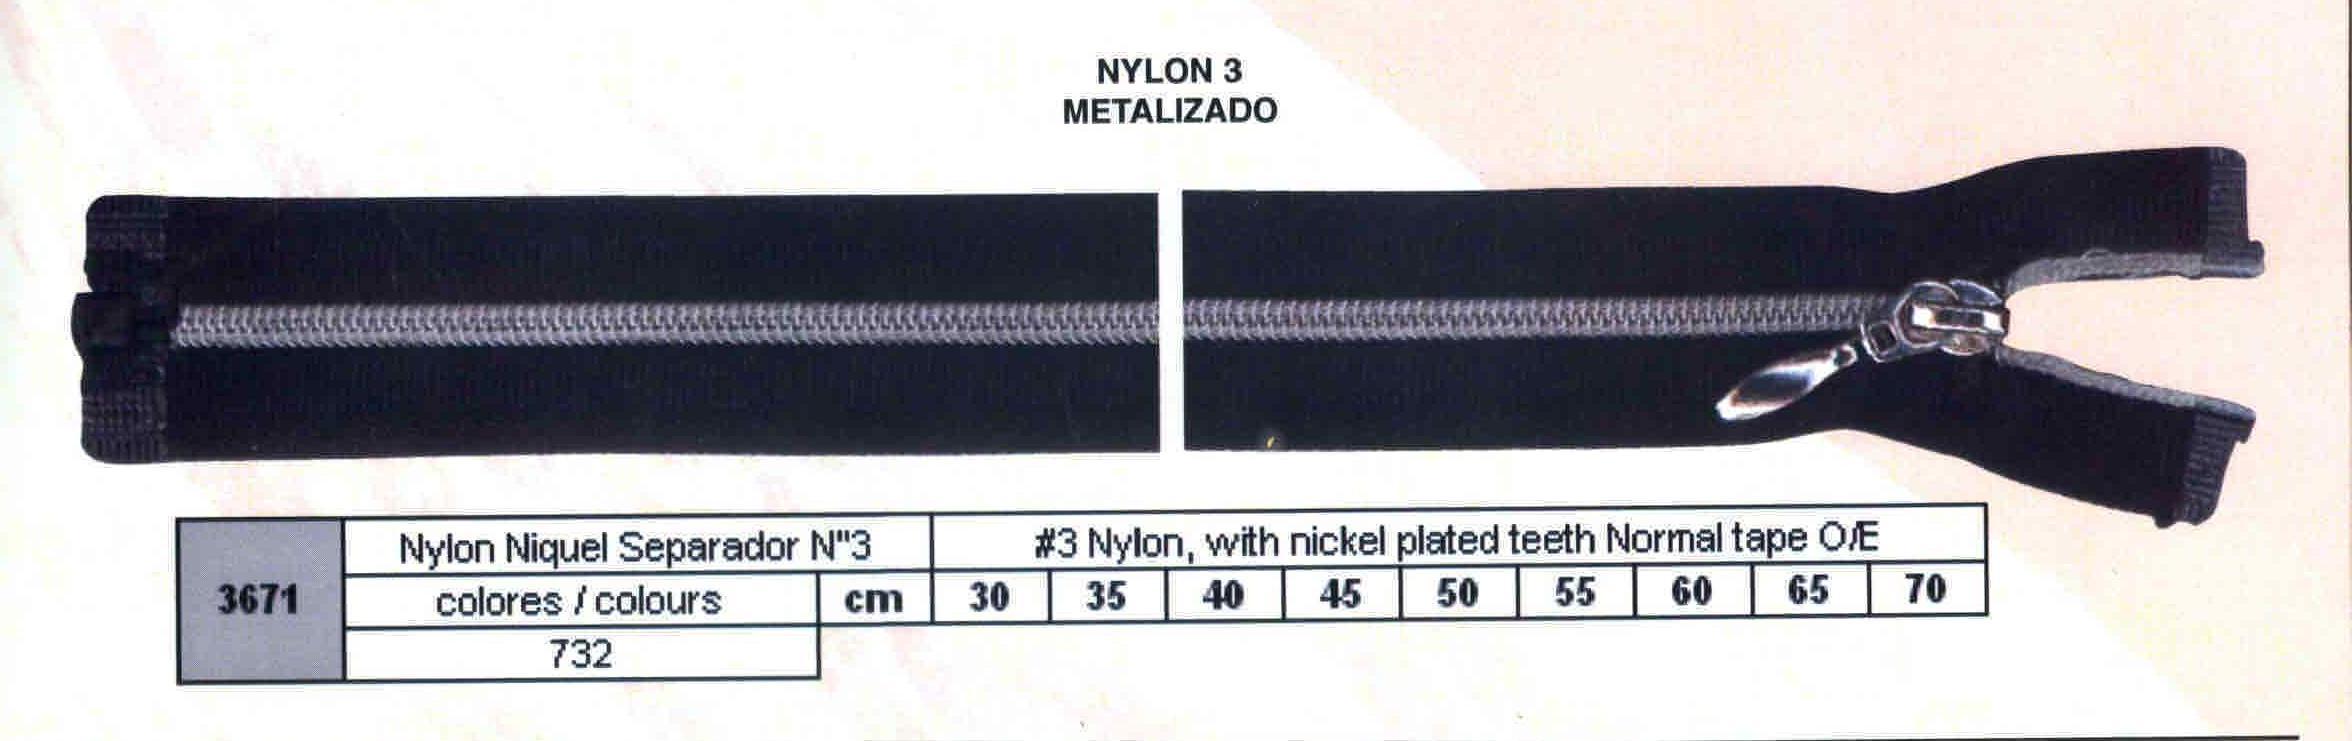 Cremallera SNS Nylon Níquel Separador num. 3